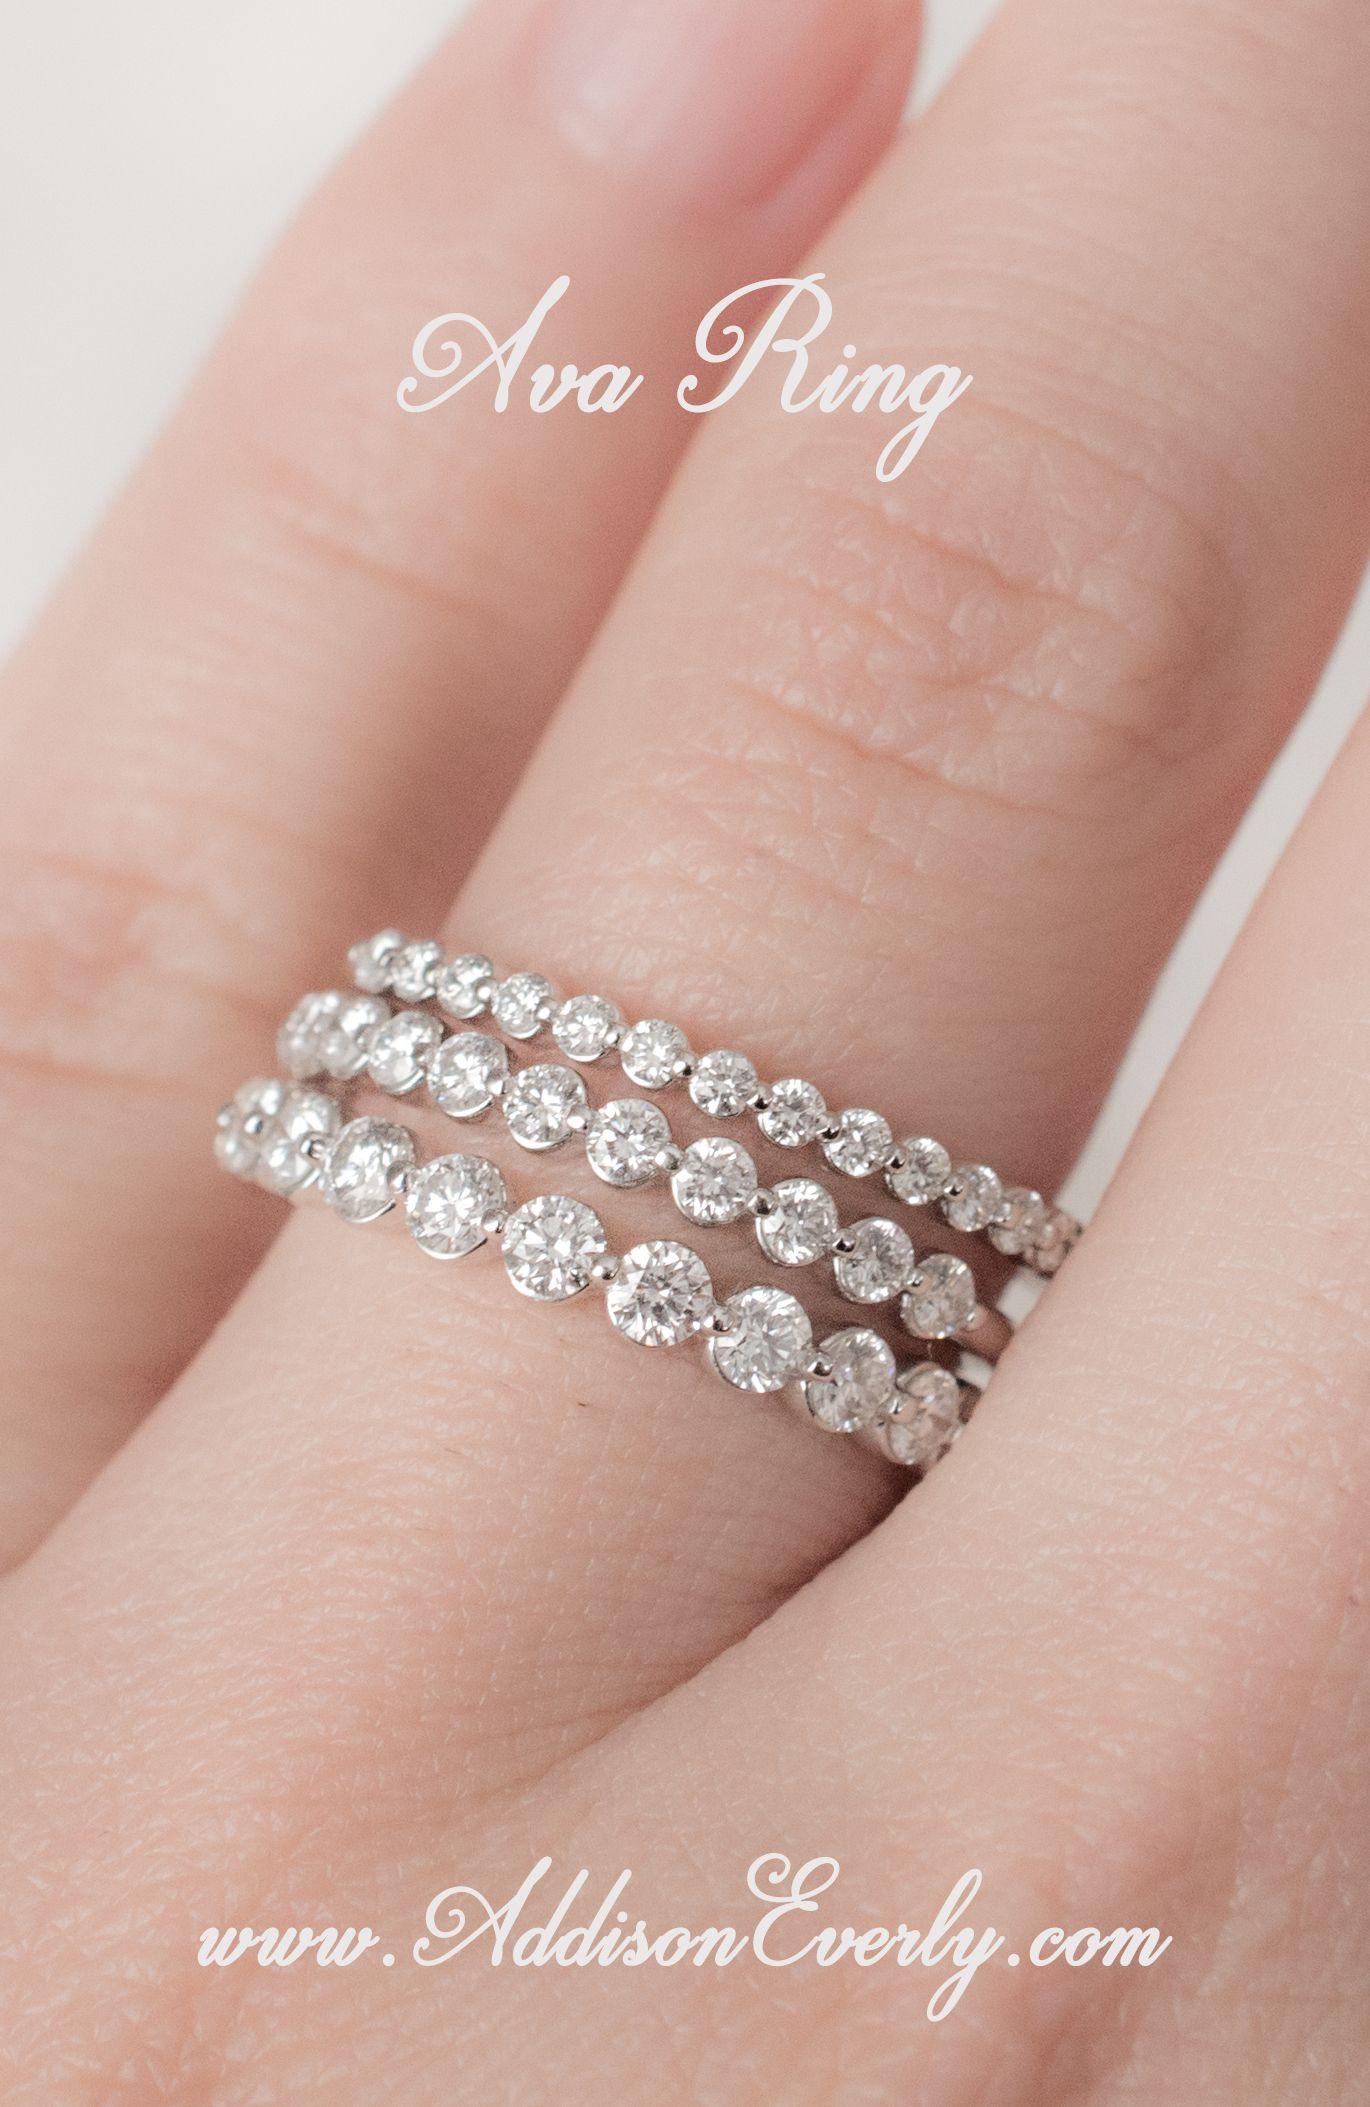 Pin by Wimolrat Jenjarassakul on clear-white   Pinterest   Diamond ...